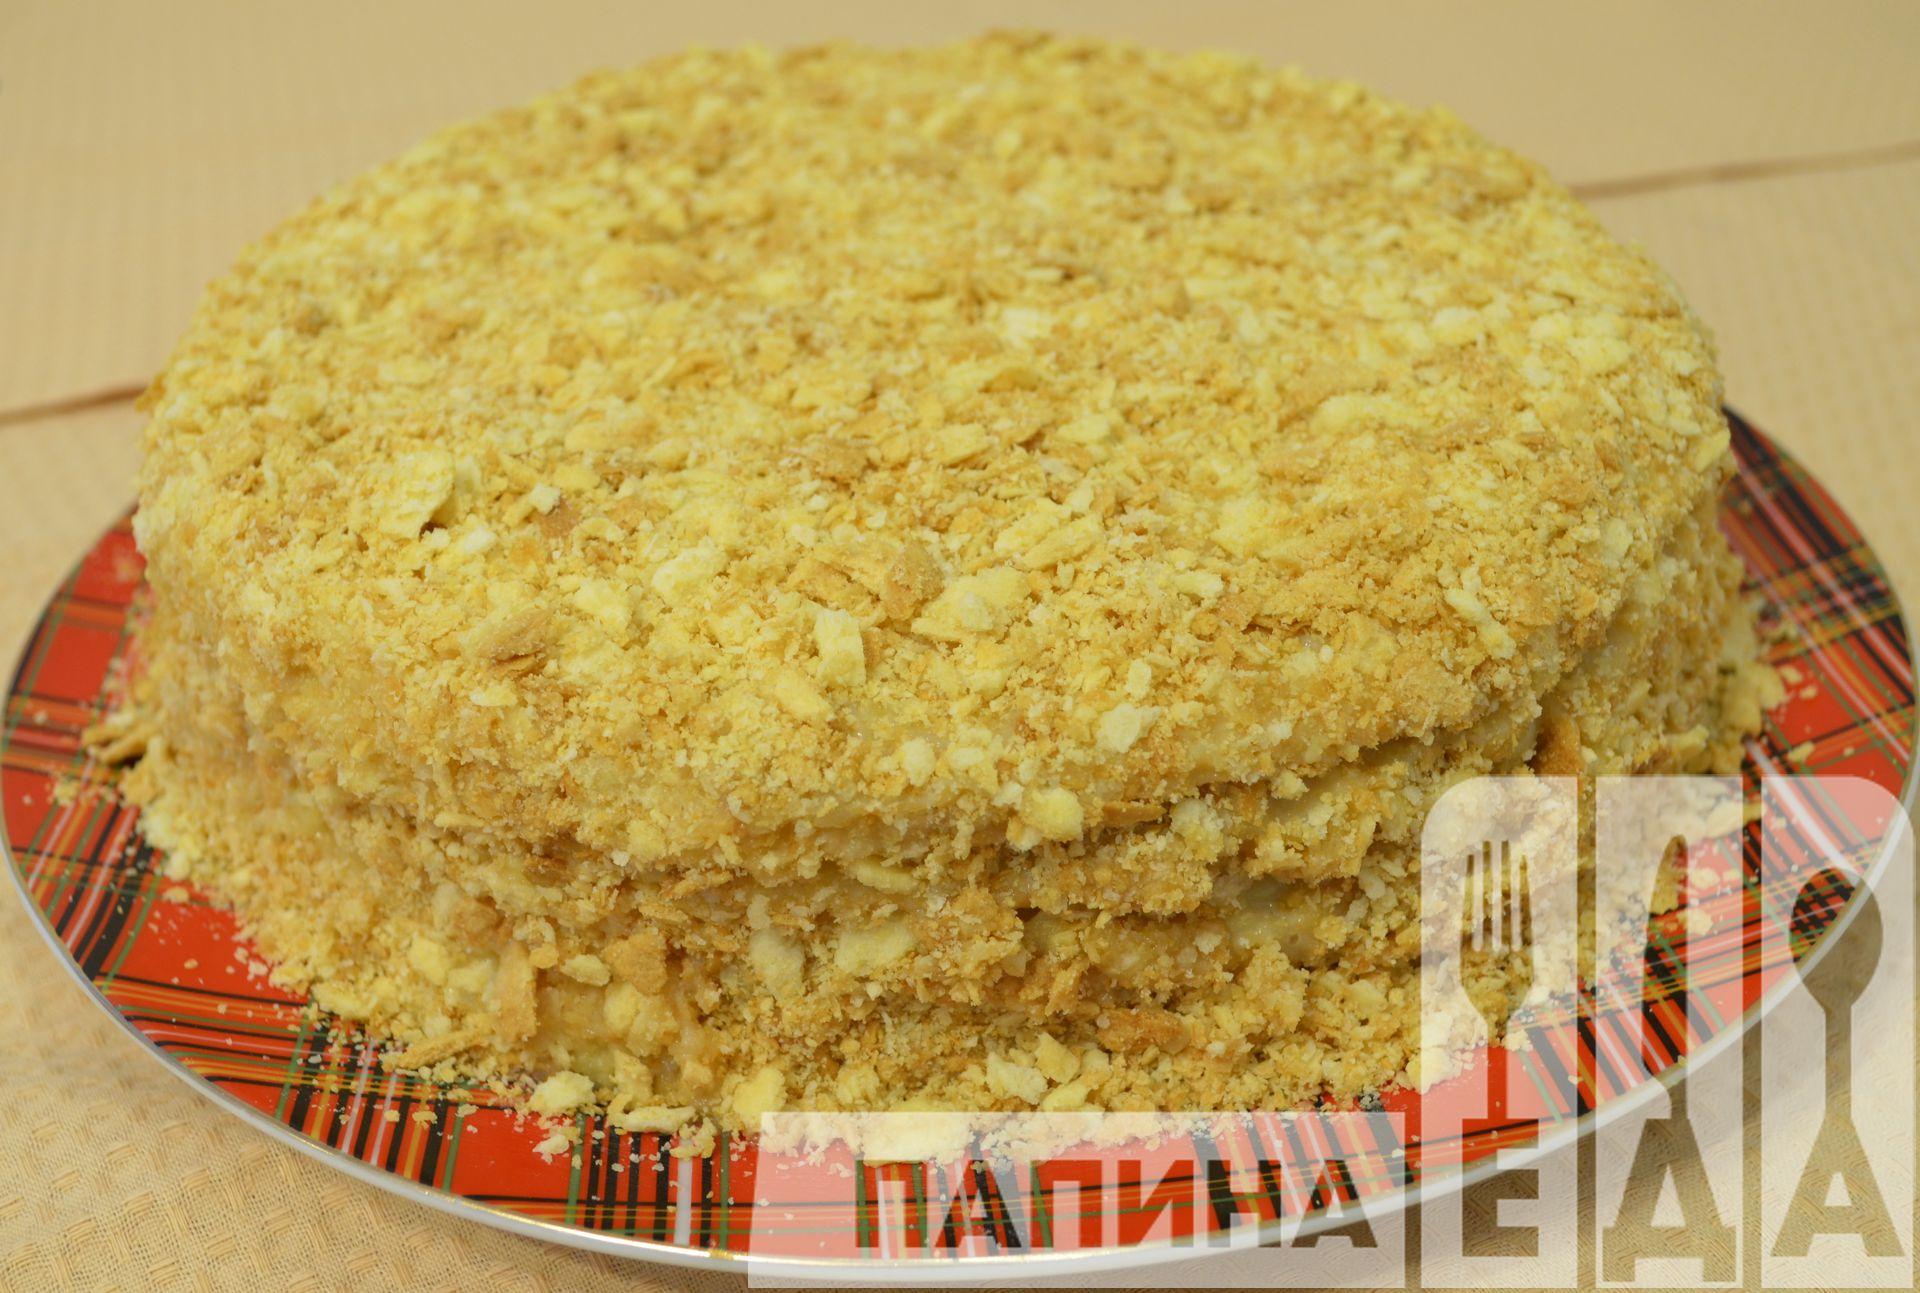 Торт Наполеон в домашних условиях - рецепт с фото 3